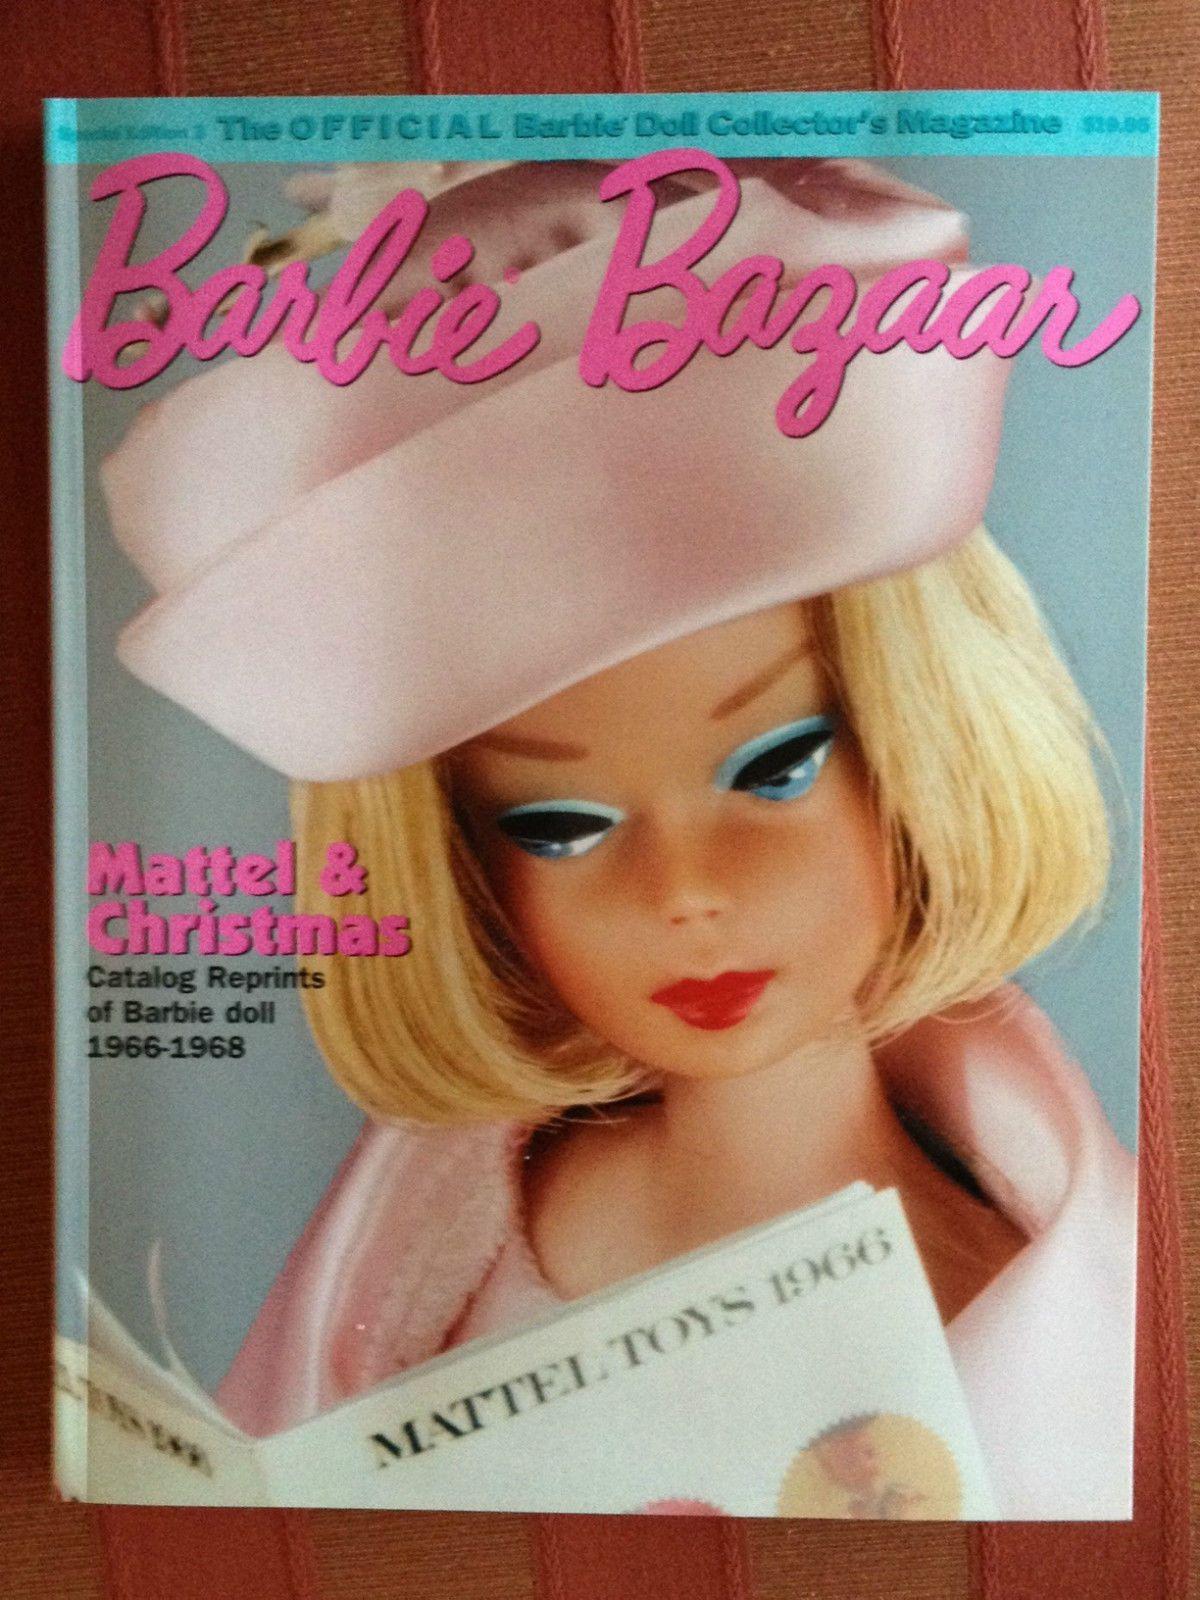 NEW COPY BARBIE BAZAAR SPECIAL ISSUE 3 MATTEL CATALOG REPRINTS 1966-1968